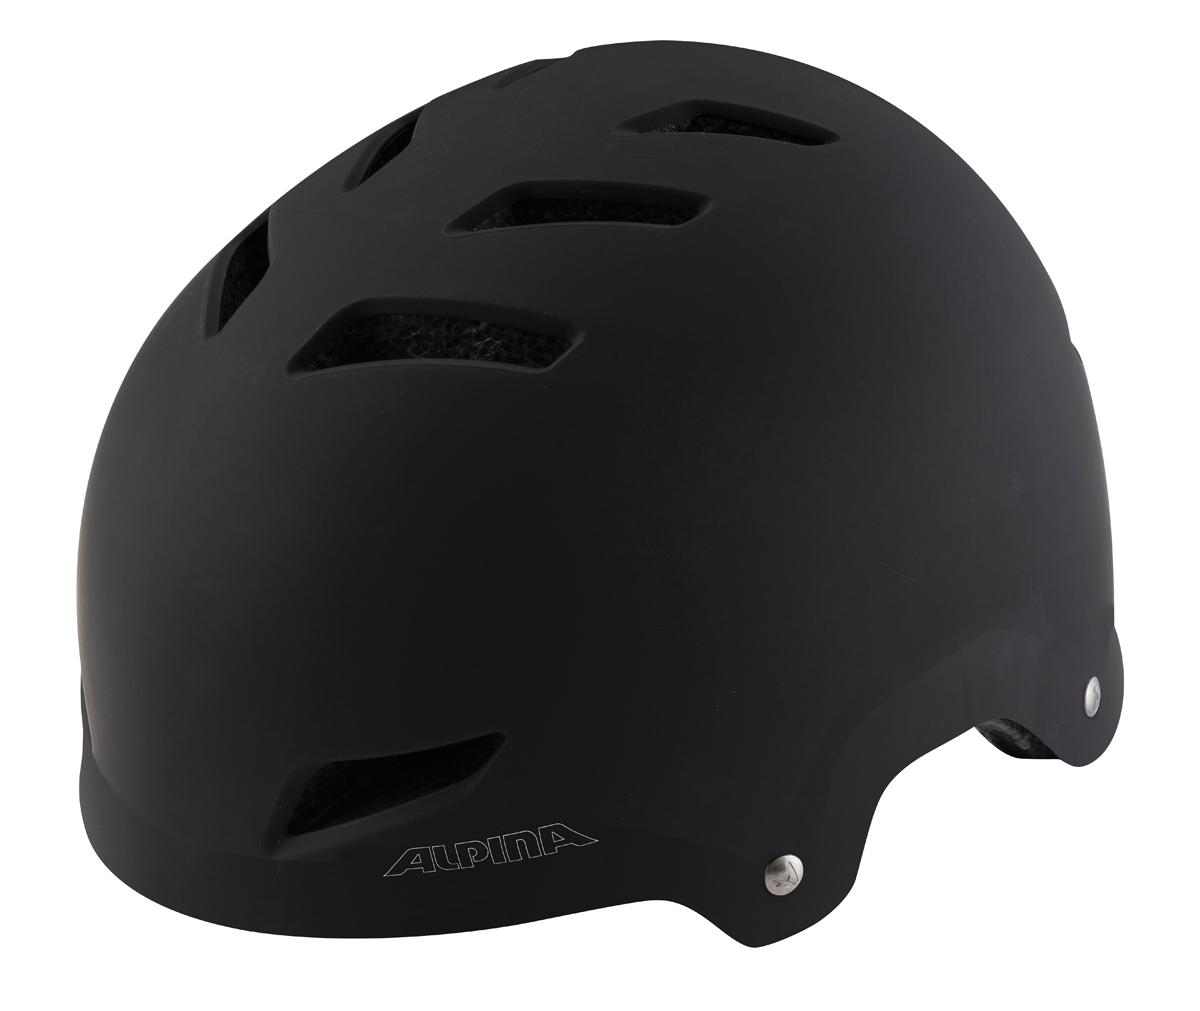 Велошлем Alpina Alpina Park jr., цвет: черный. Размер 51-55 см